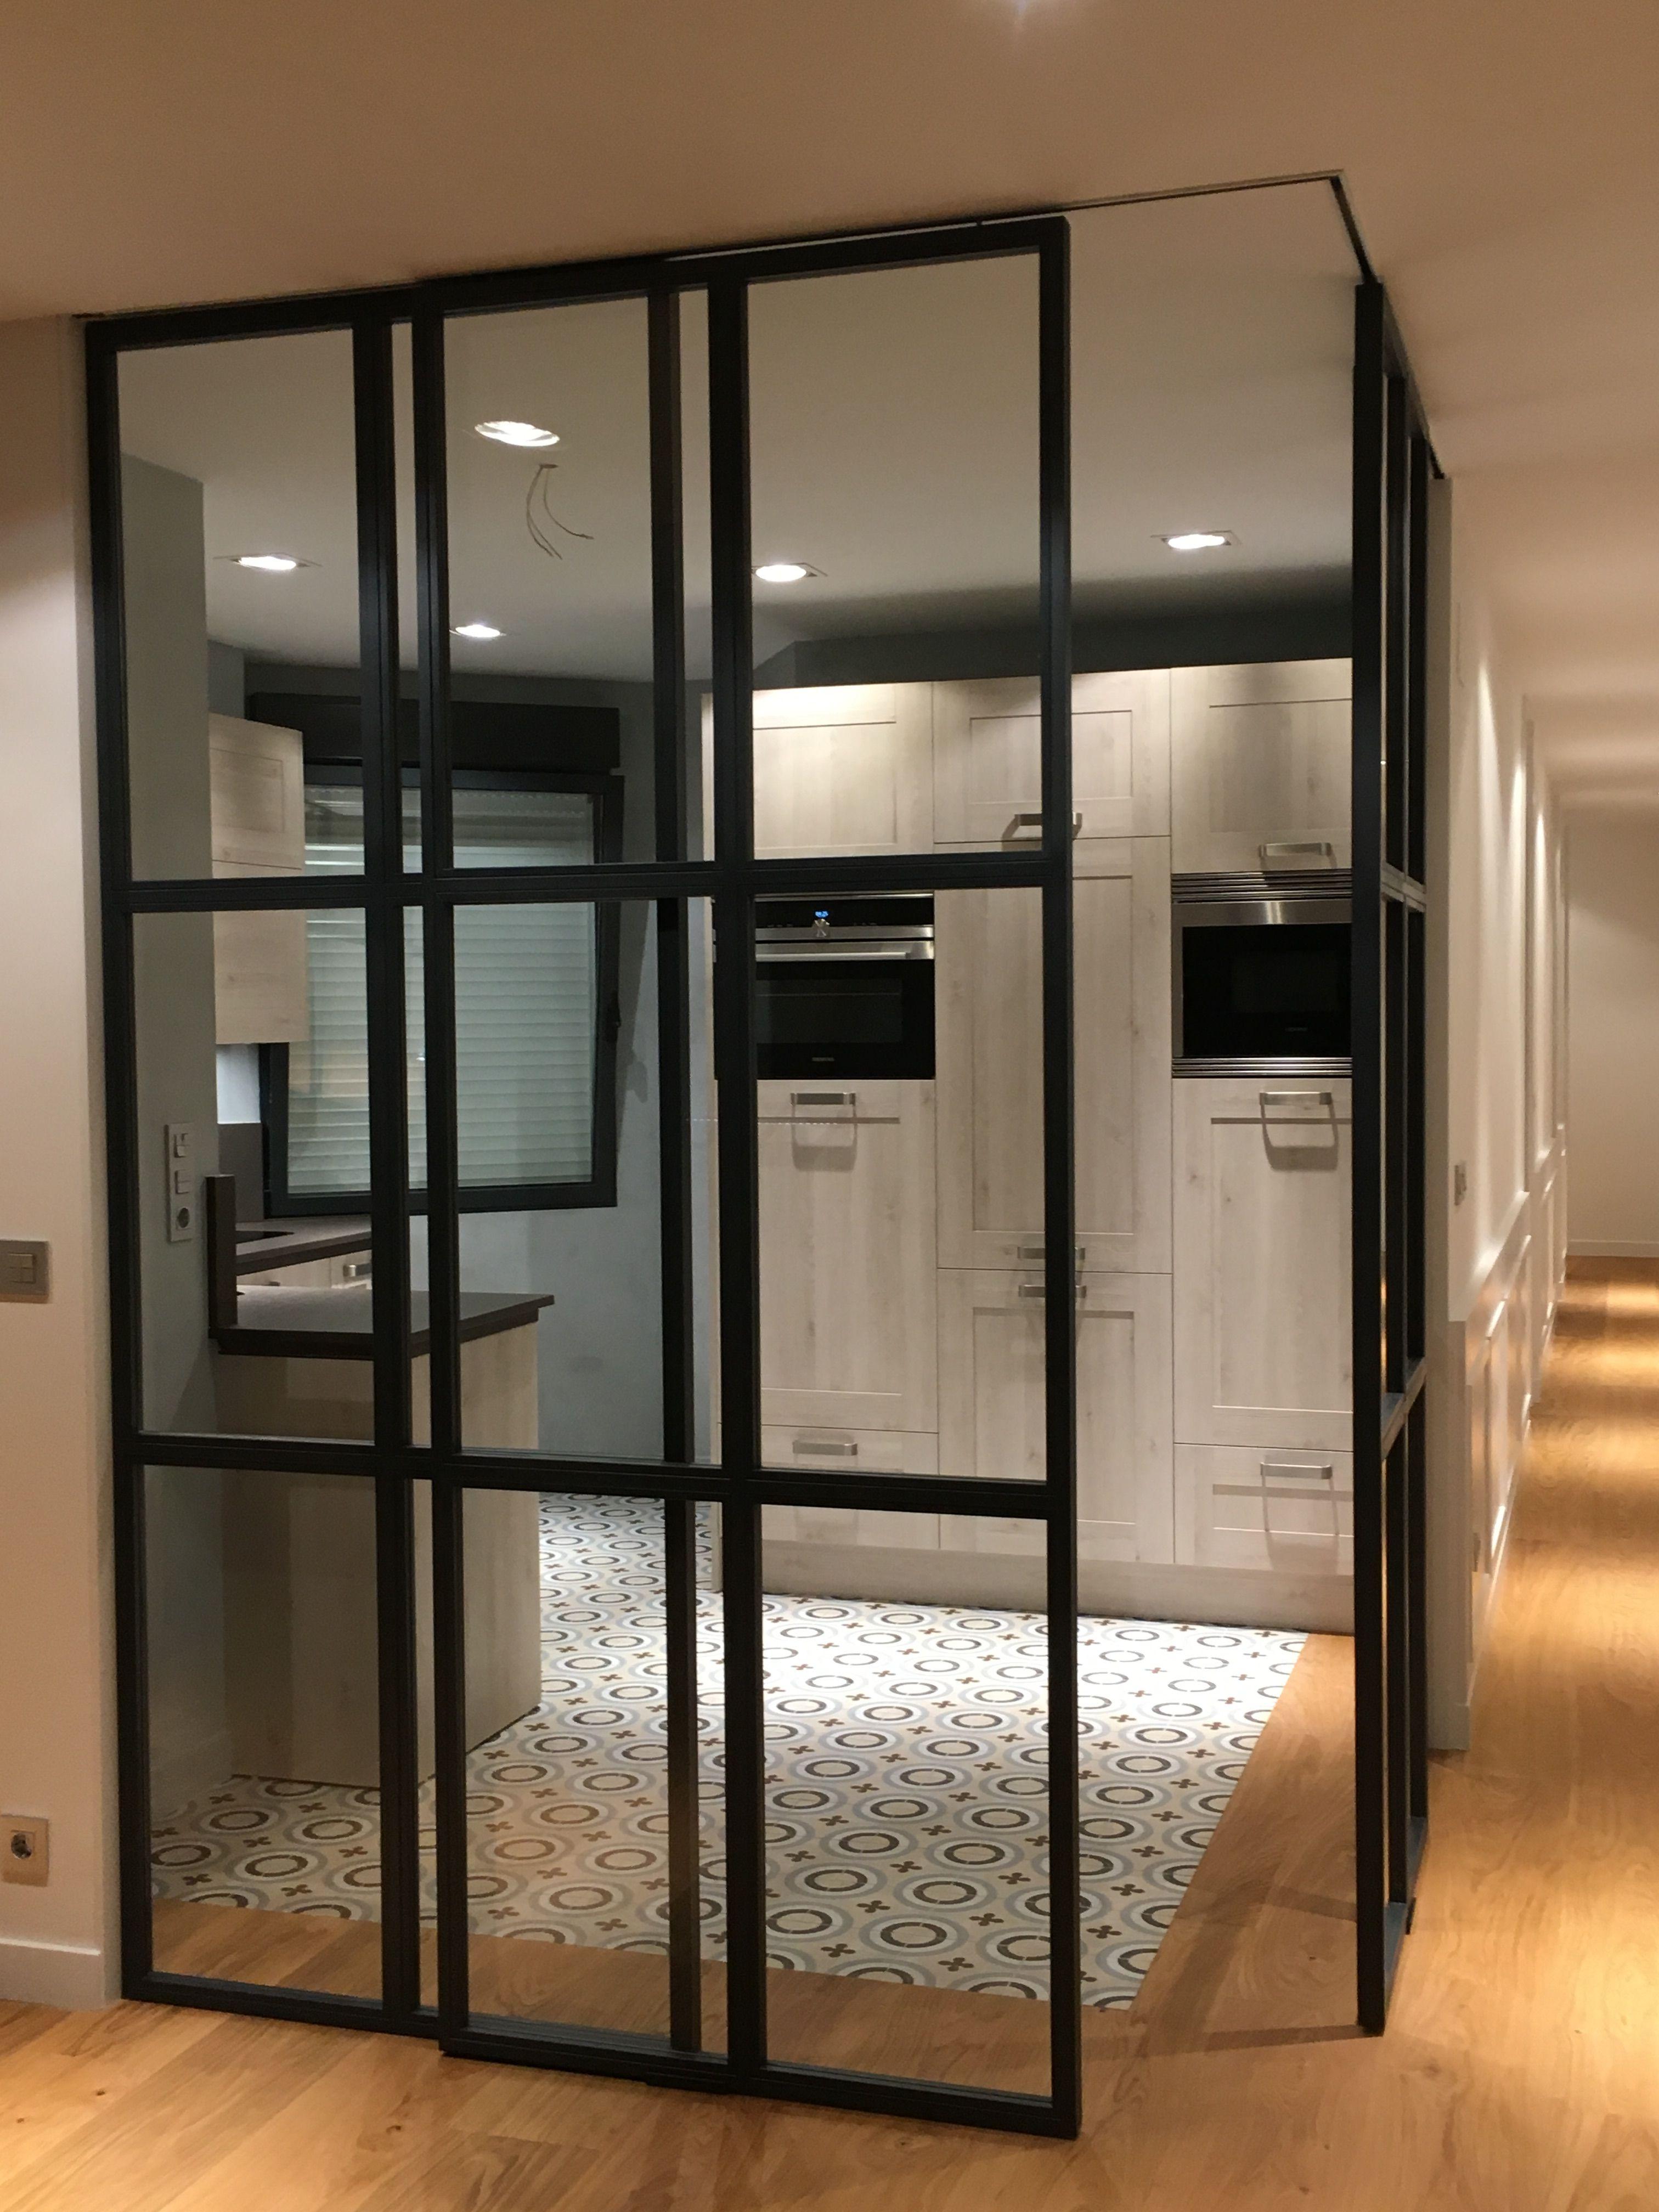 Consejos para elegir los muebles de cocina ateak - Puerta cocina cristal ...